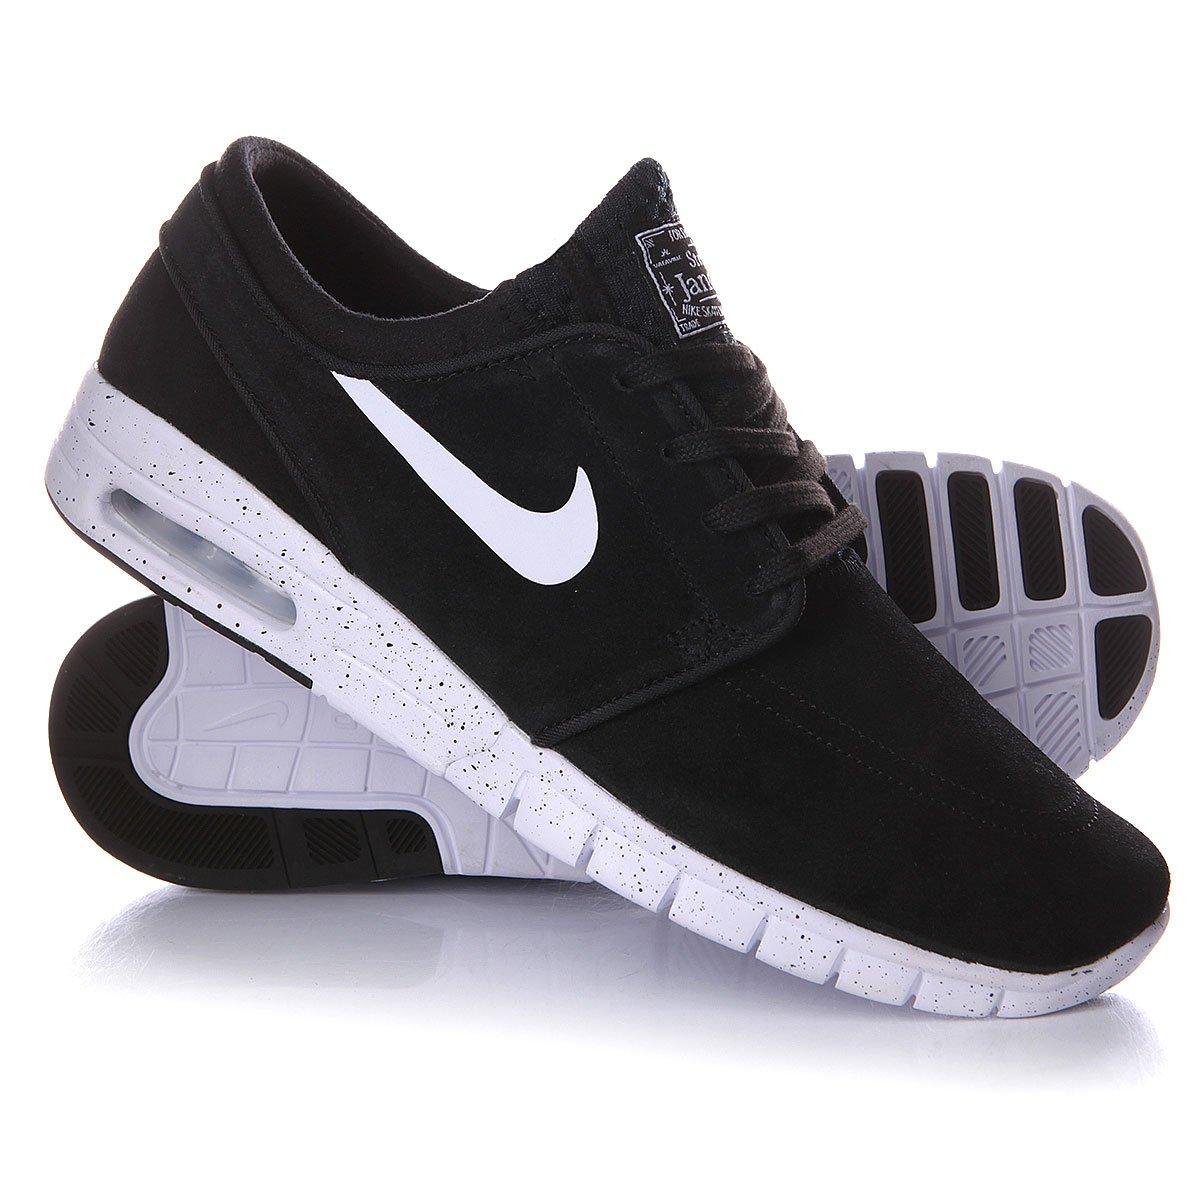 finest selection 0b059 455c0 Кроссовки Nike Stefan Janoski Max L Black White ...